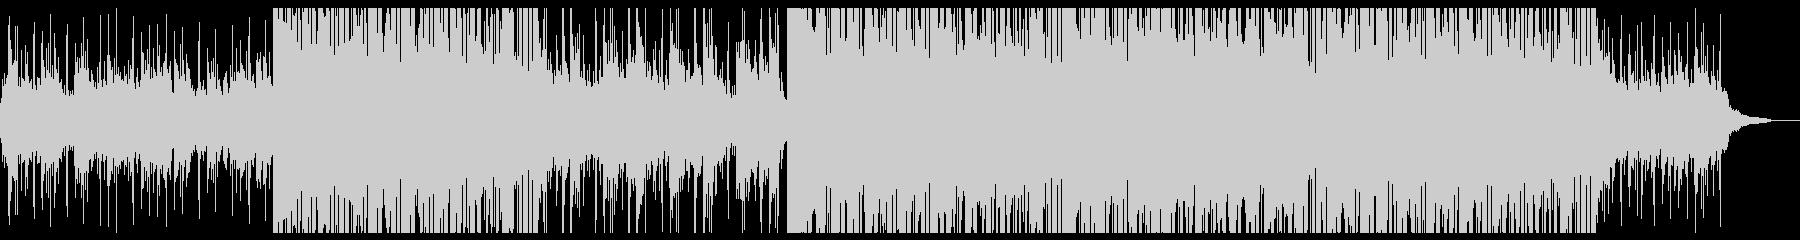 少し切ないChill Out系ピアノの未再生の波形